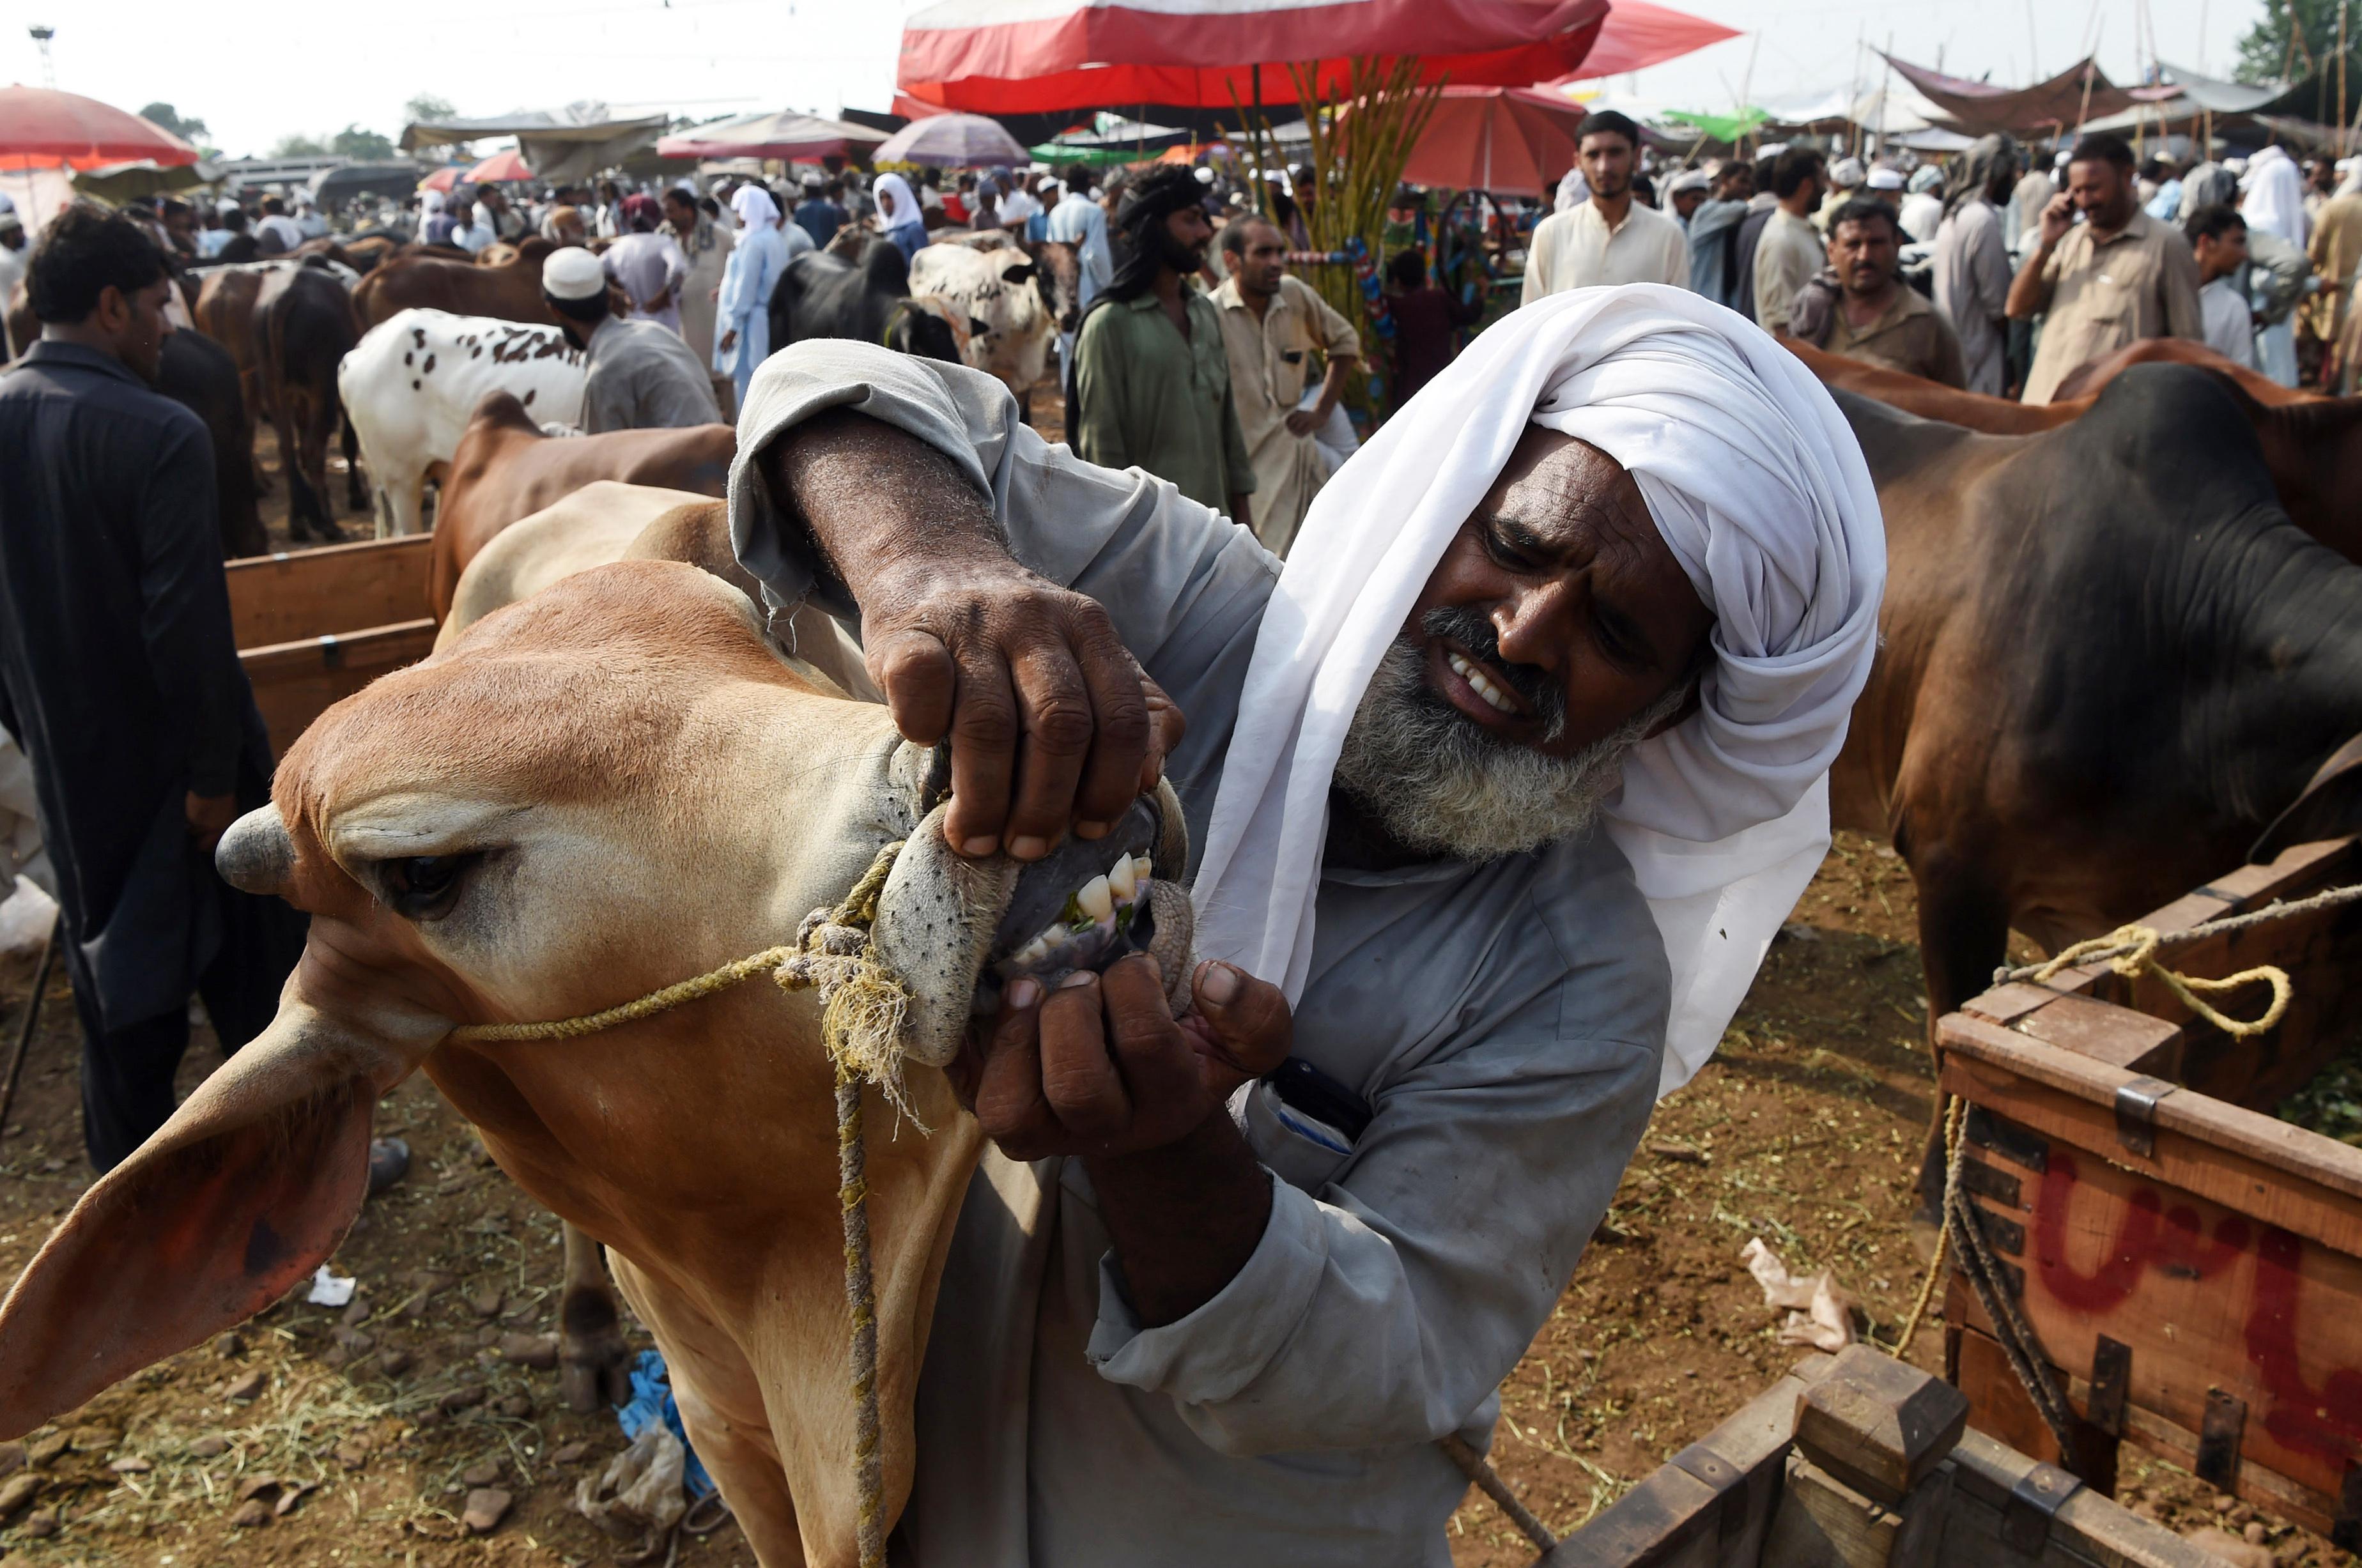 عید الاضحی سے قبل پاکستان کا غیر قانونی عطیات پر کریک ڈاون